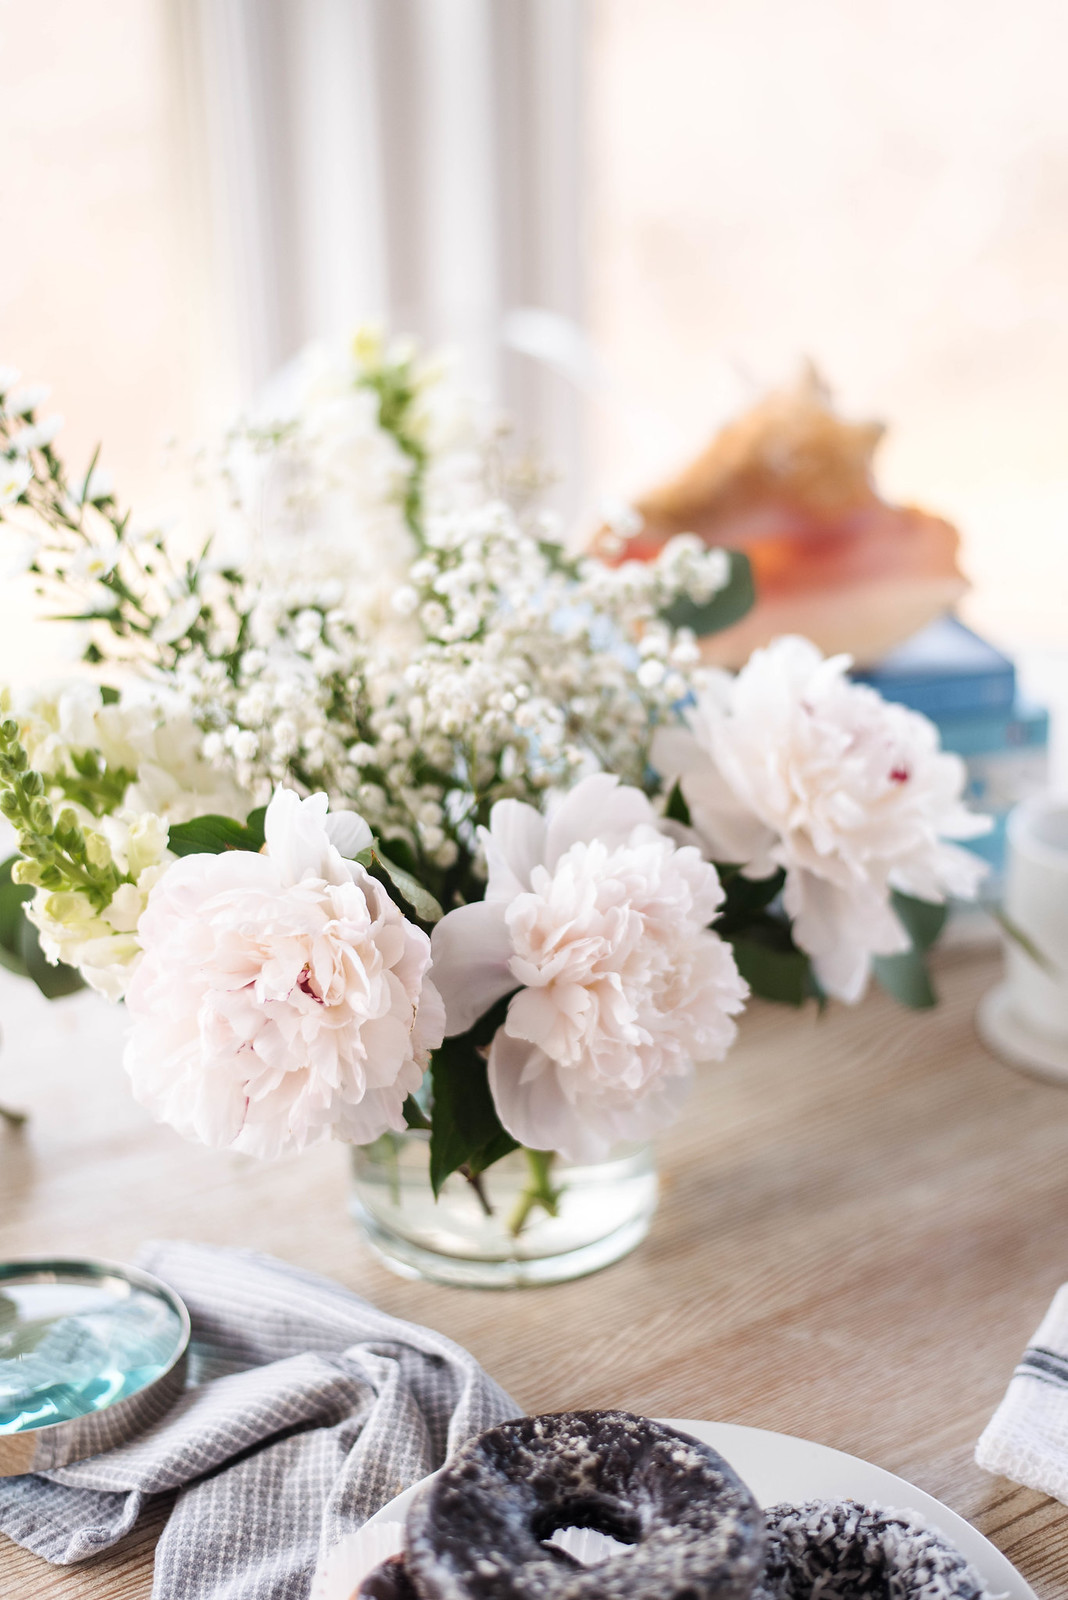 Peony Flower Arrangment on http://juliettelaura.blogspot.com/